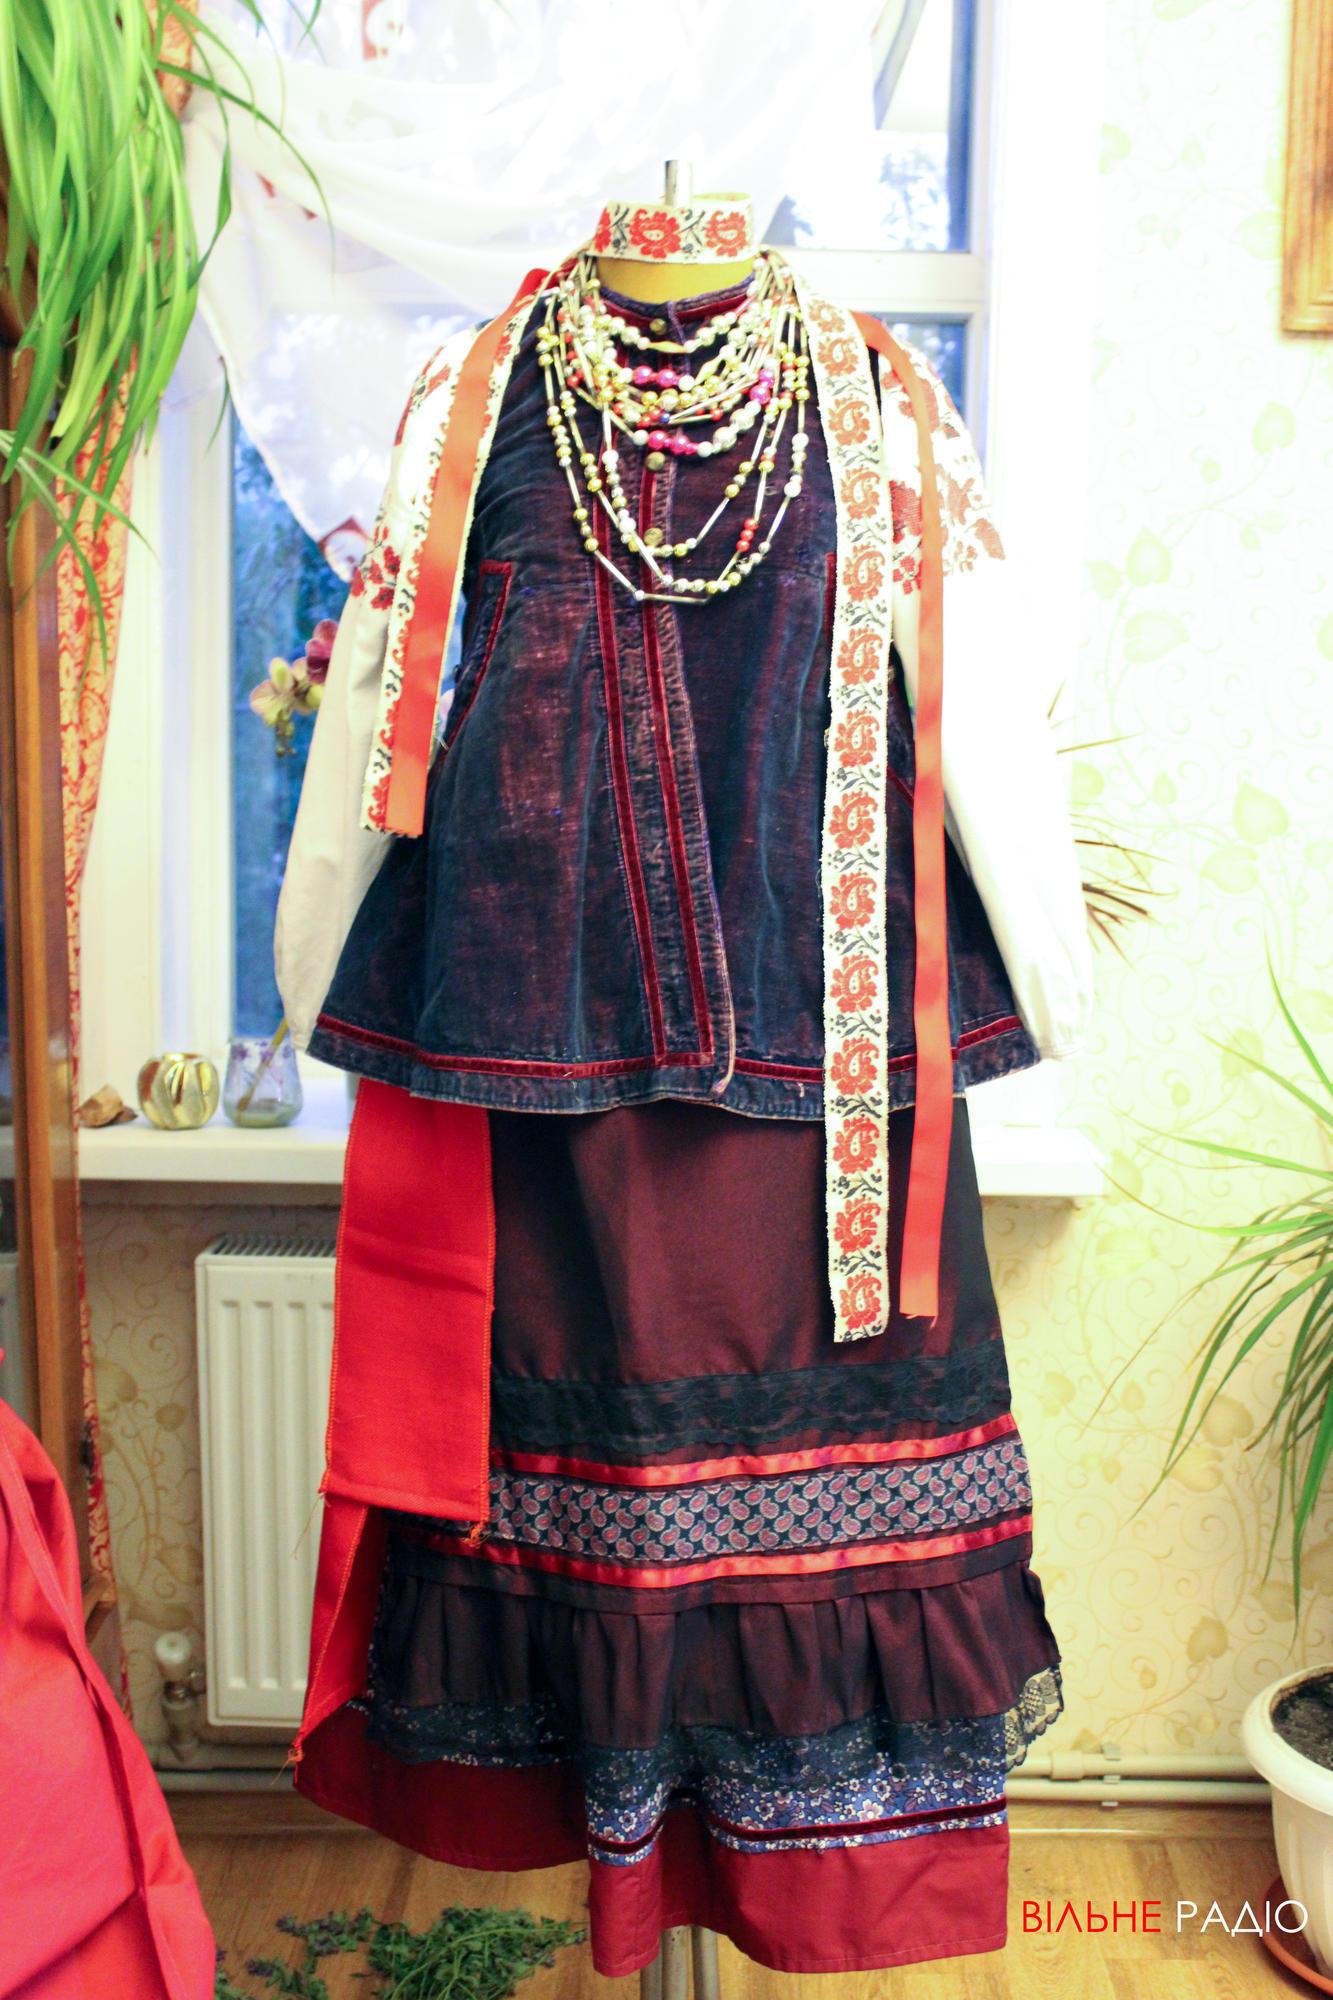 Традиционный наряд, который носили украинки из Донецкой области на праздники